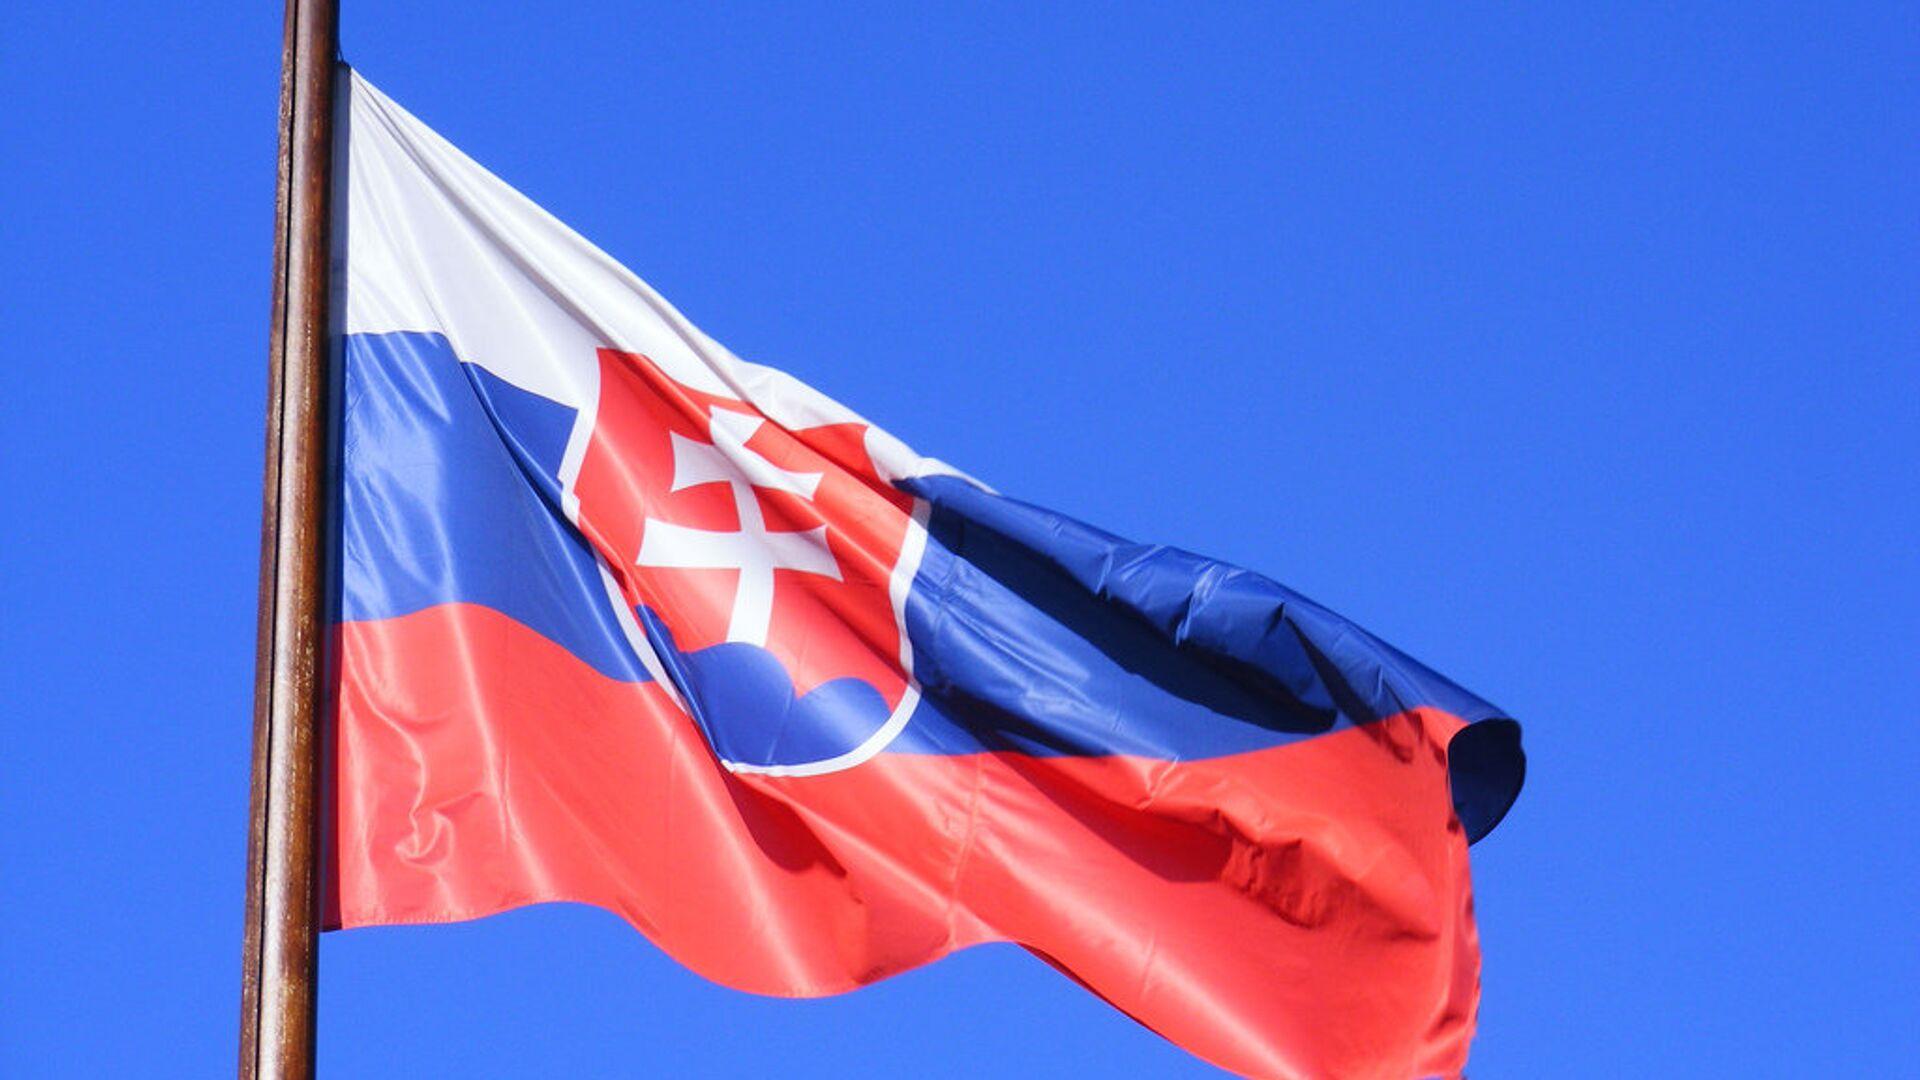 Флаг Словакии  - РИА Новости, 1920, 08.10.2020